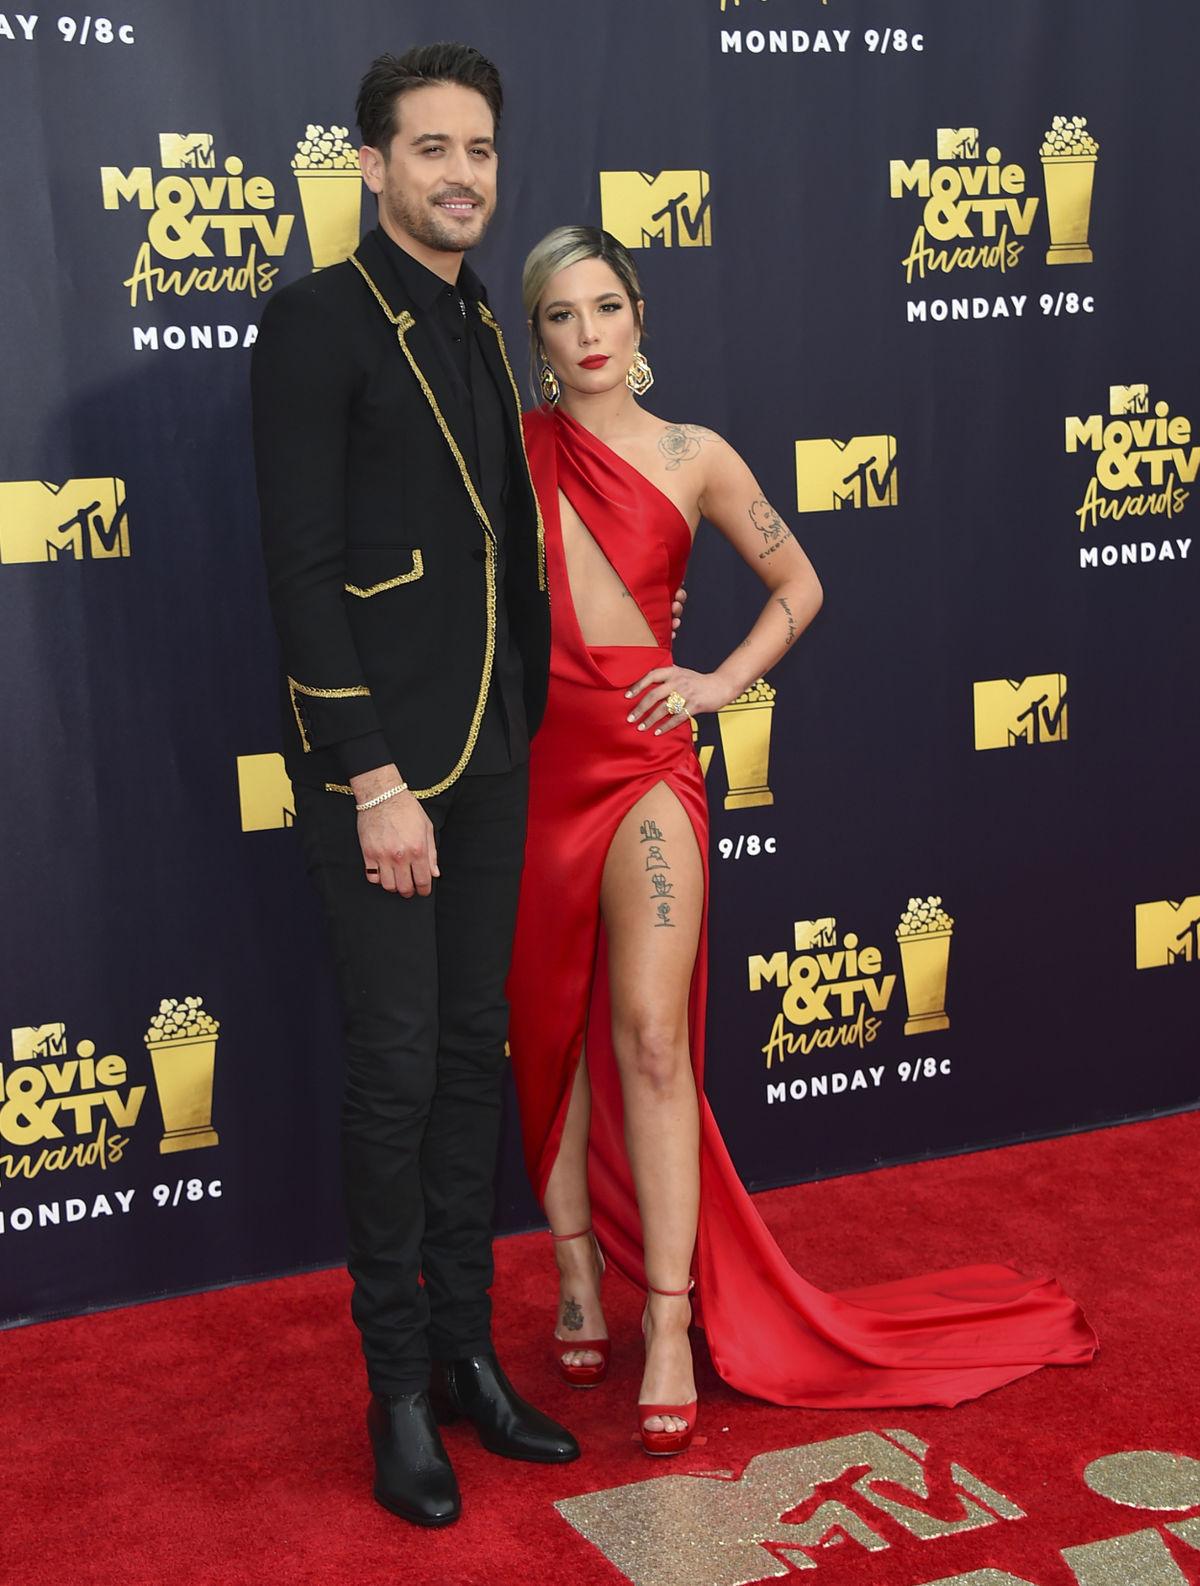 b209238595ff Televízna a internetová hviezda Kim Kardashian West v kreácii Atelier  Versace. Herec Michael B. Jordan. Raper G- Eazy a jeho priateľka - speváčka  Halsey.